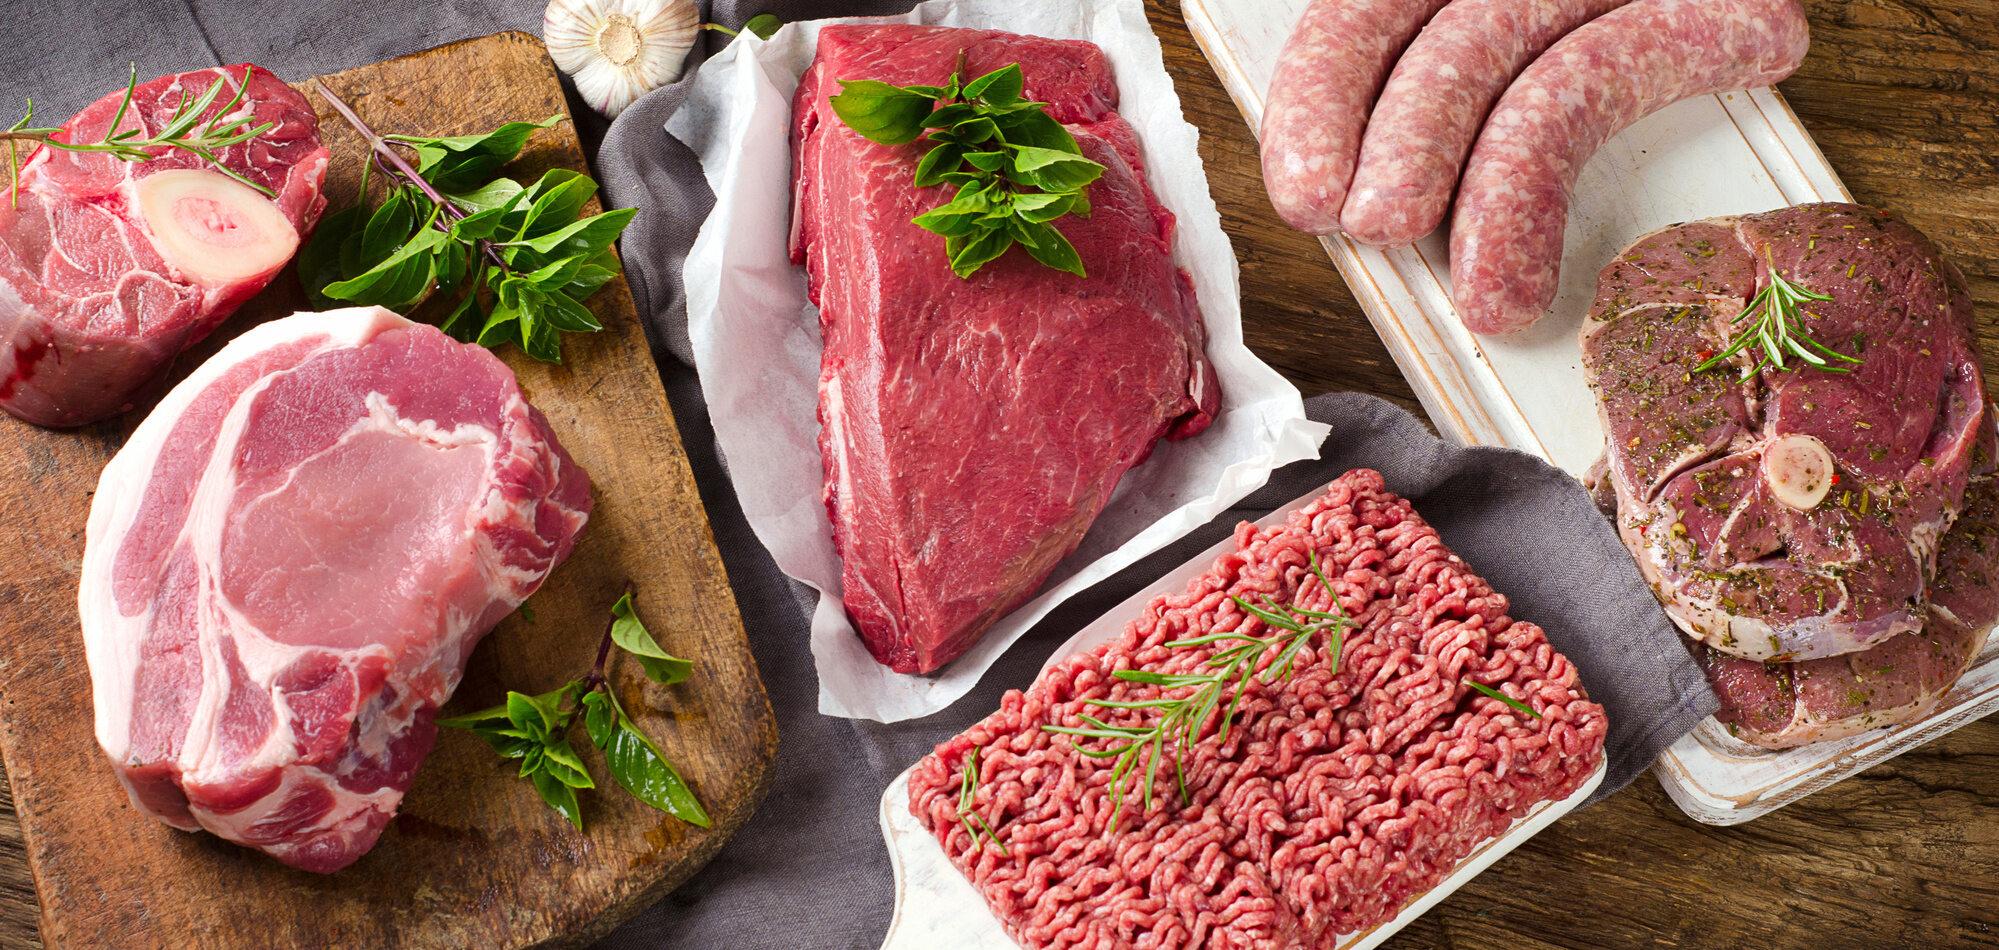 Które mięso ma najmniej kalorii w 100g?